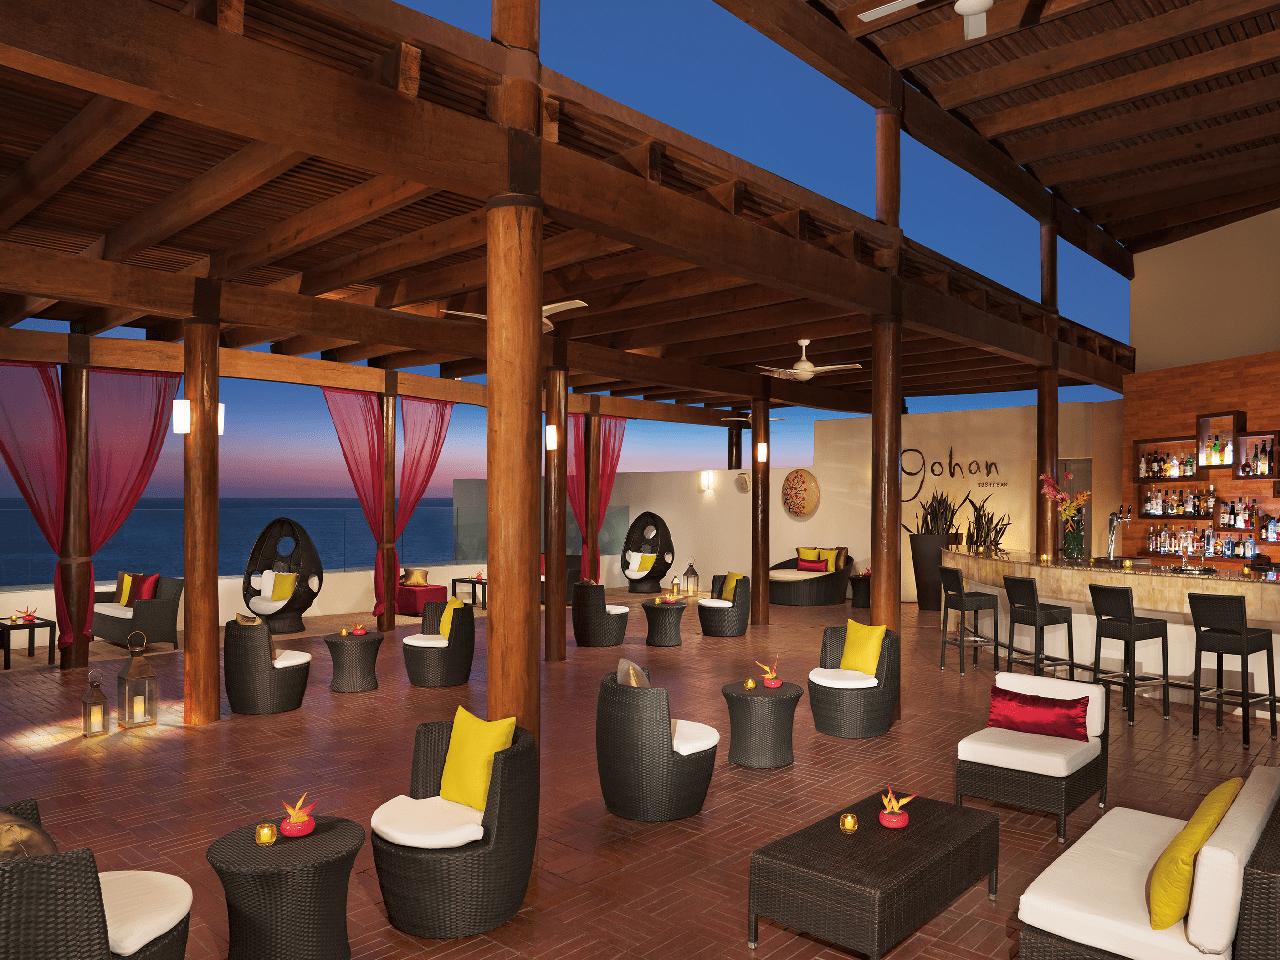 Bodas en la playa - hotel con vista al mar